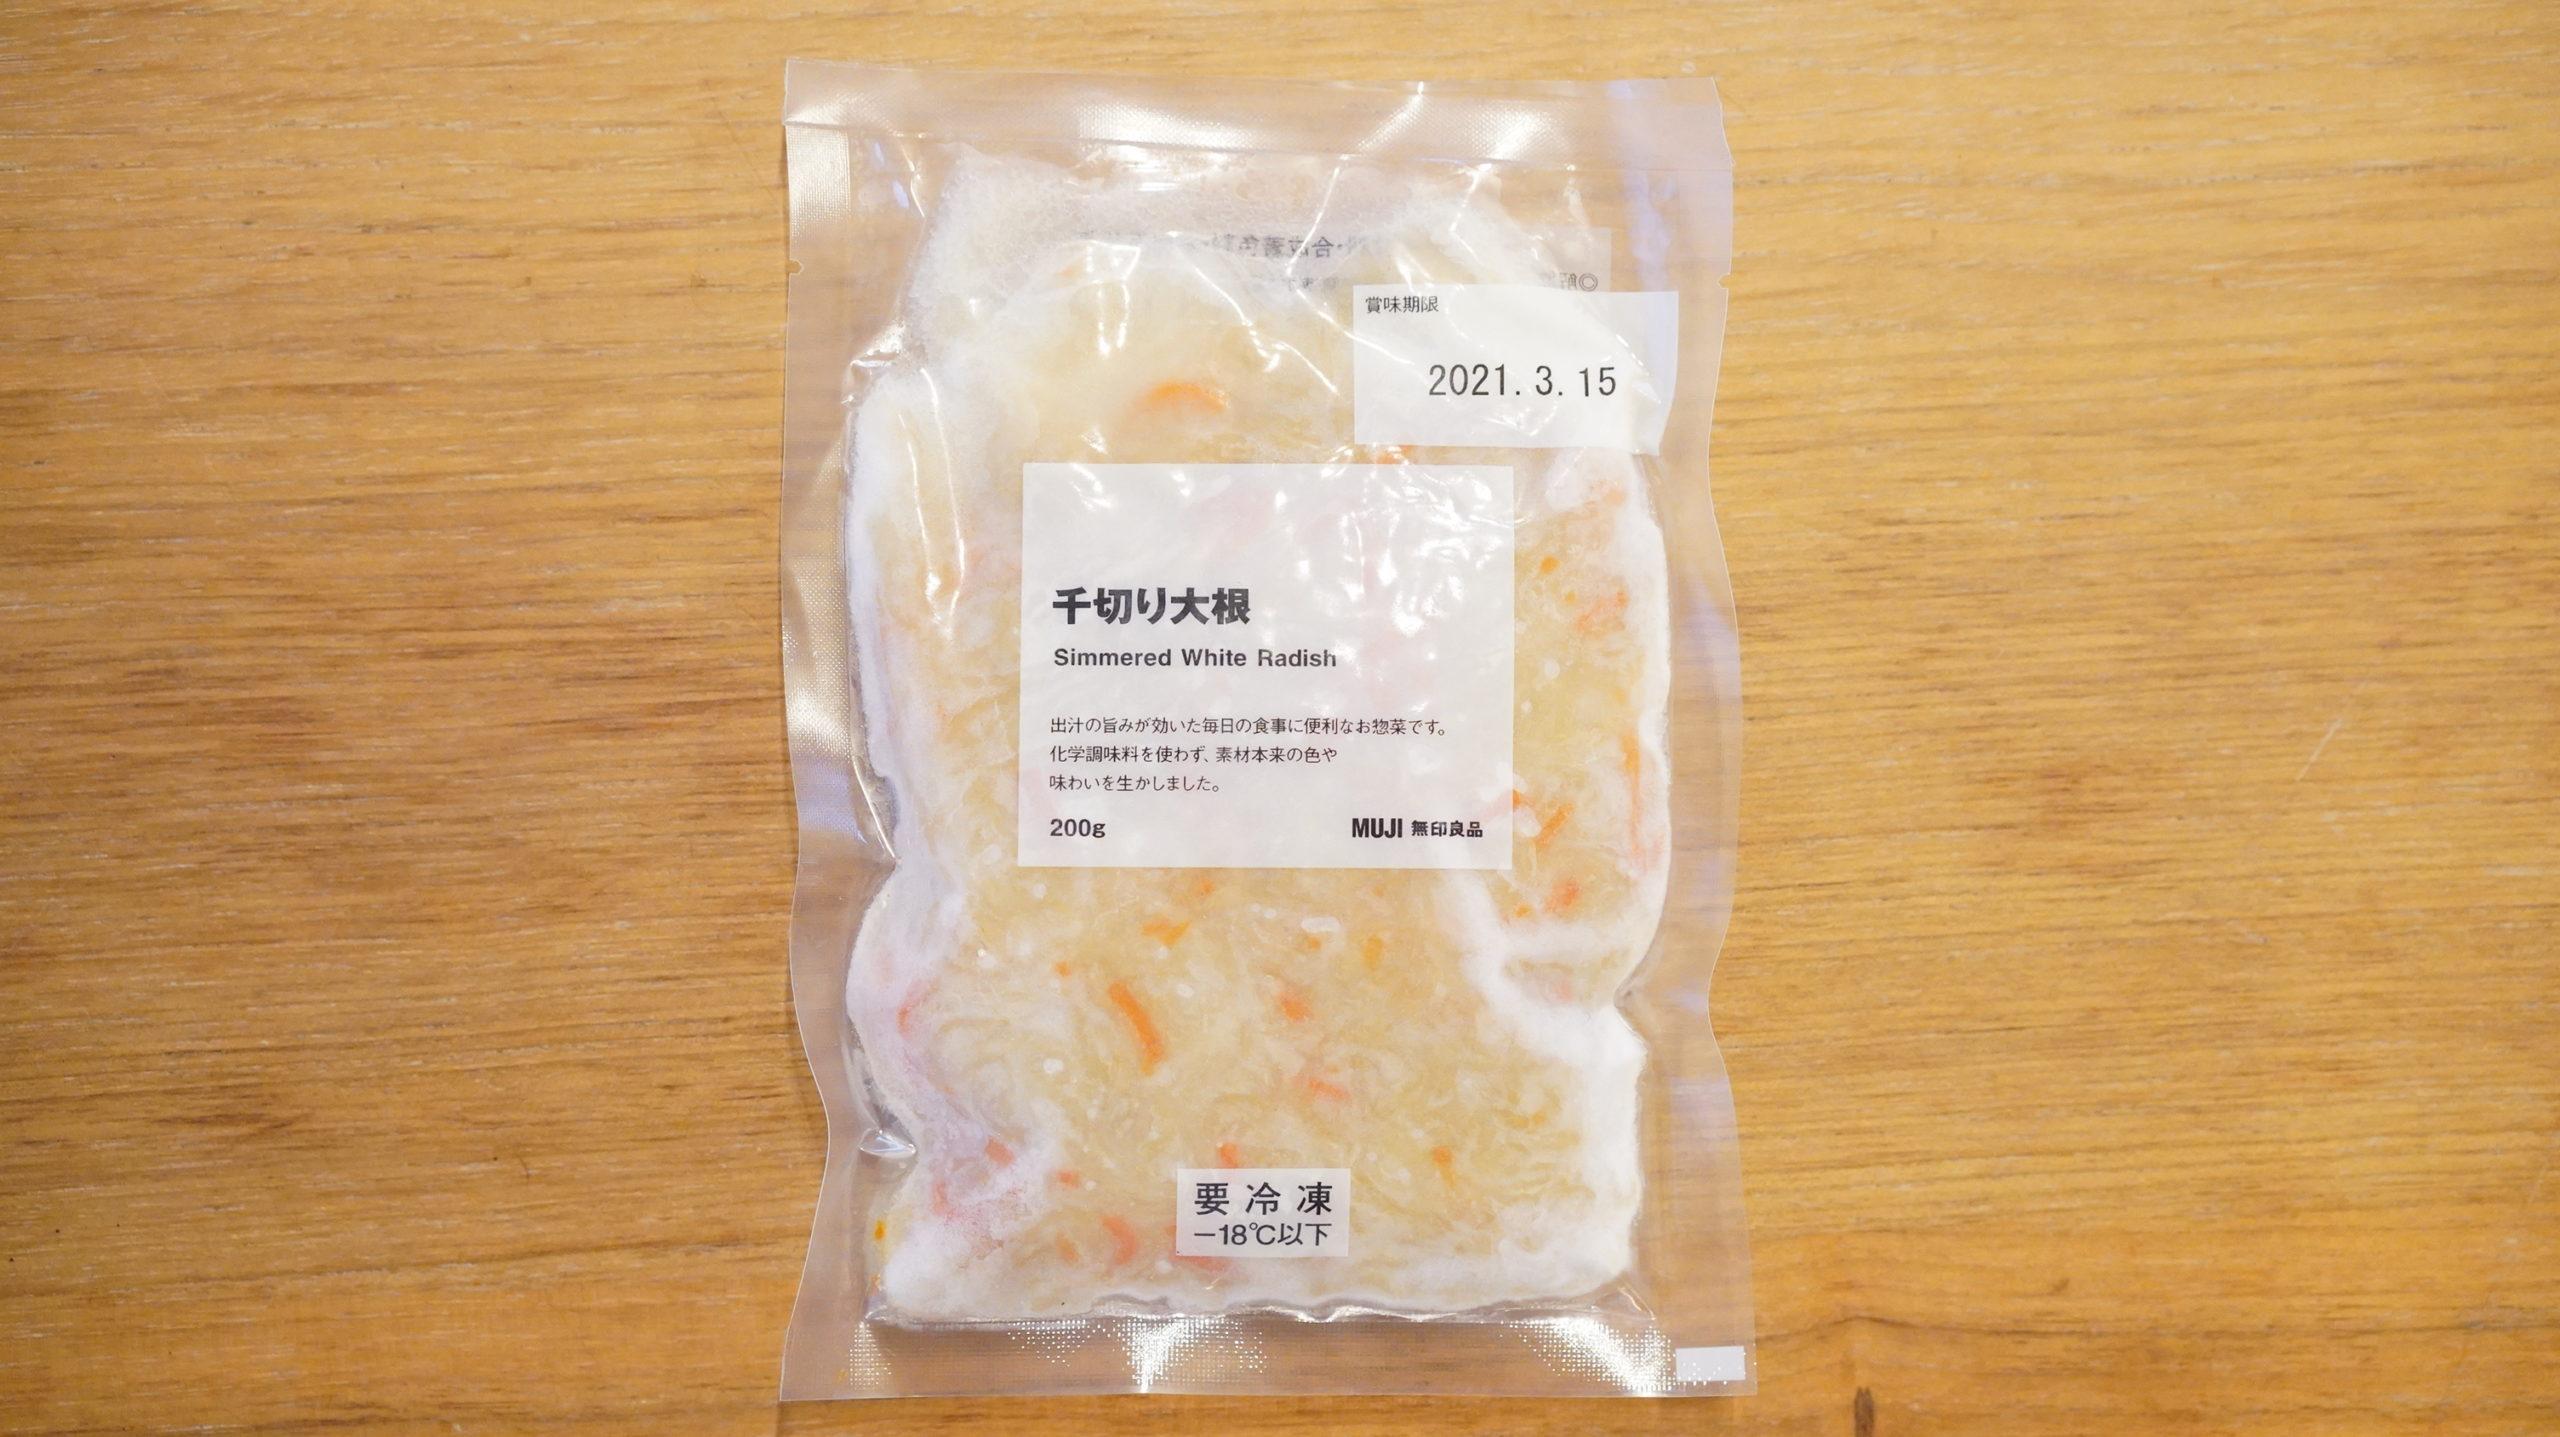 無印良品のおすすめ冷凍食品「千切り大根」のパッケージの写真